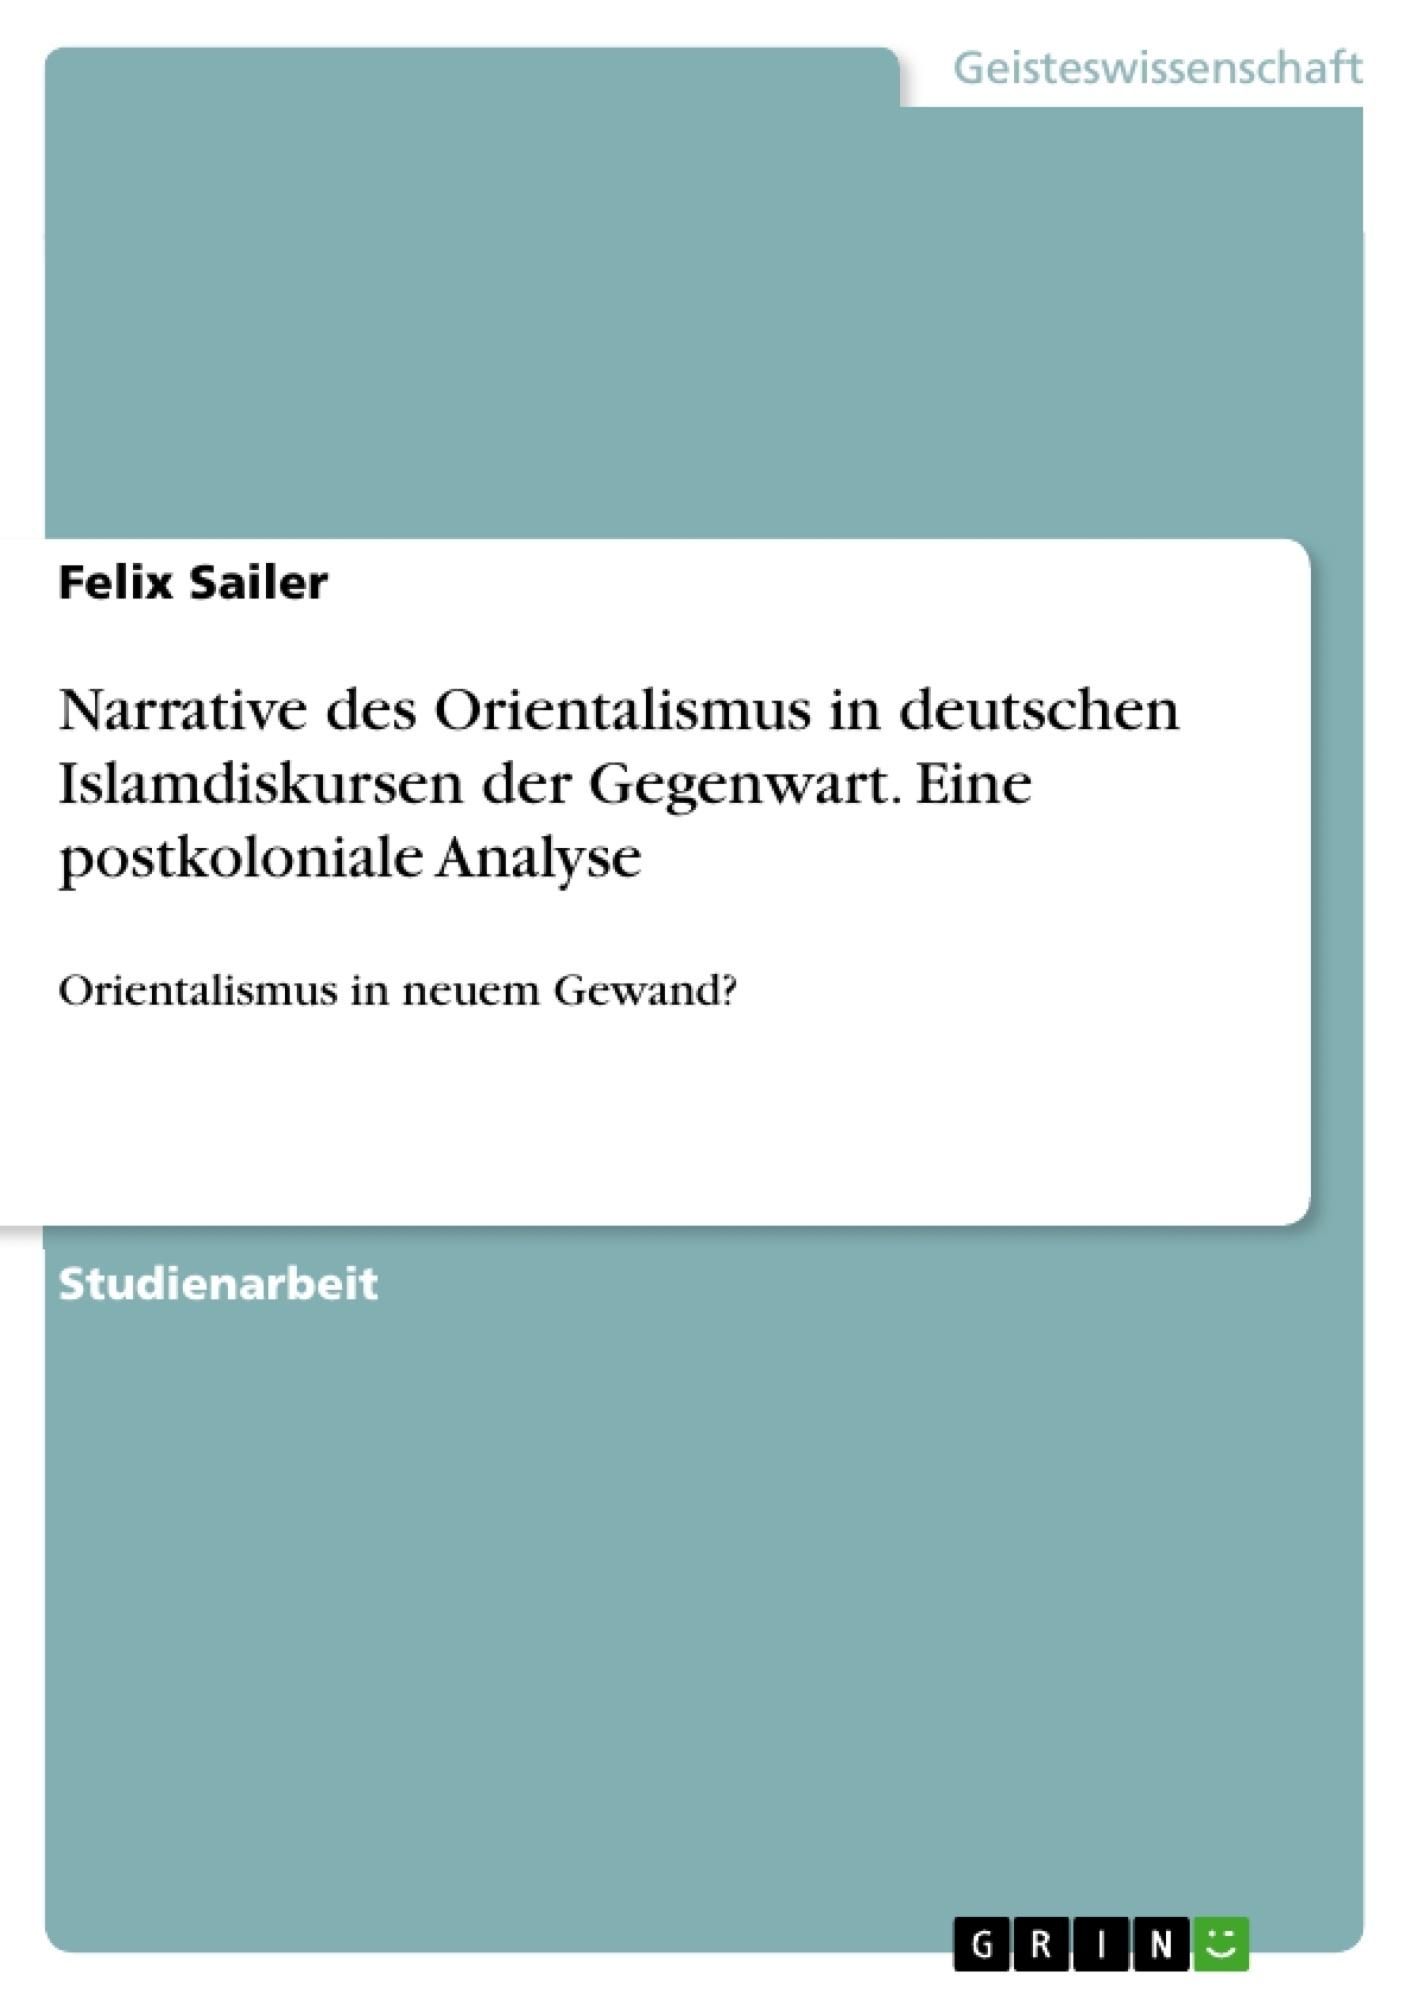 Titel: Narrative des Orientalismus in deutschen Islamdiskursen der Gegenwart. Eine postkoloniale Analyse